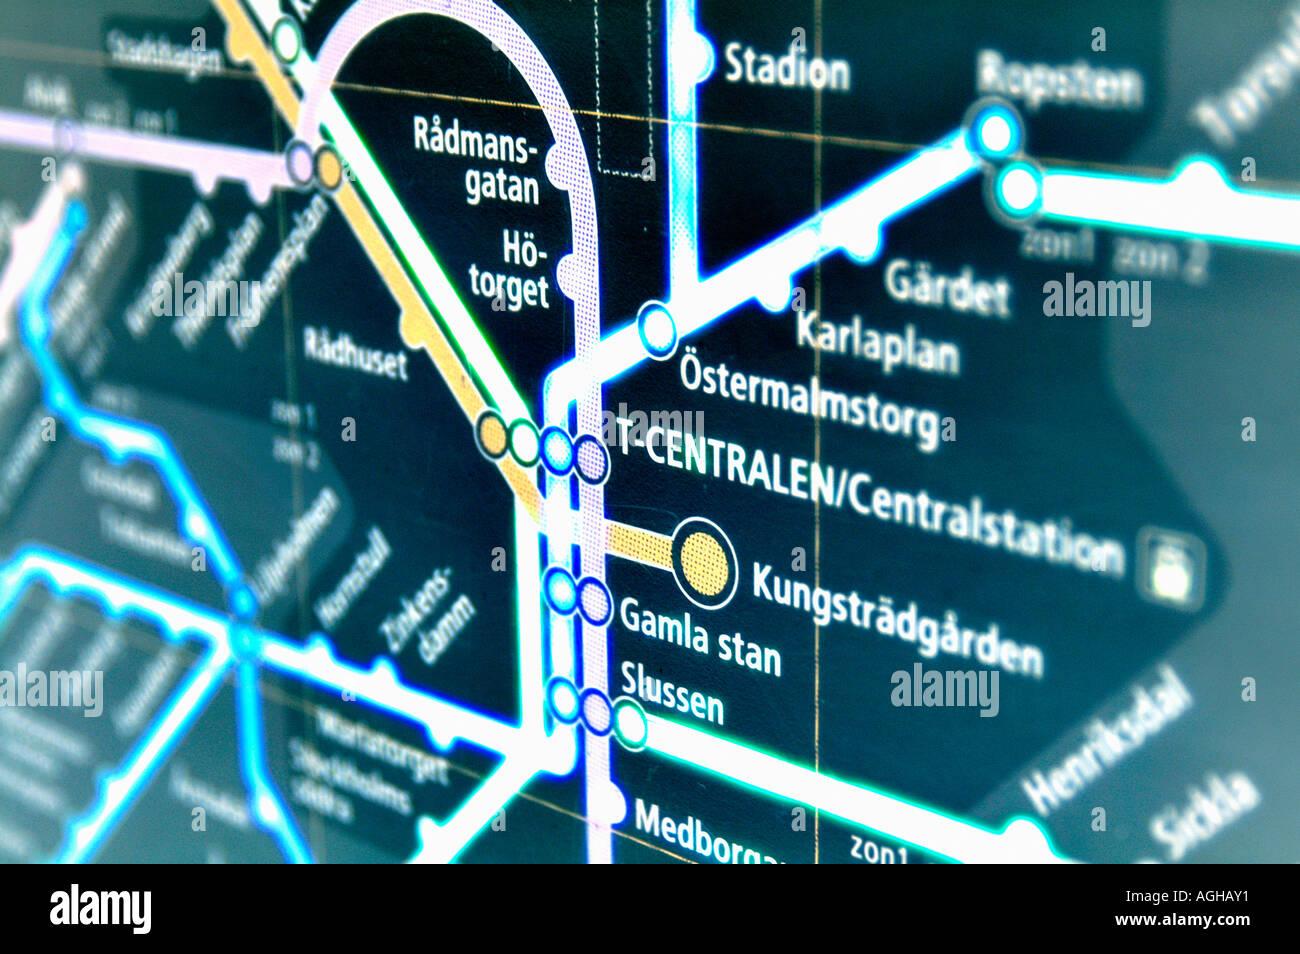 Carte du métro de la ville de Stockholm, Suède Photo Stock